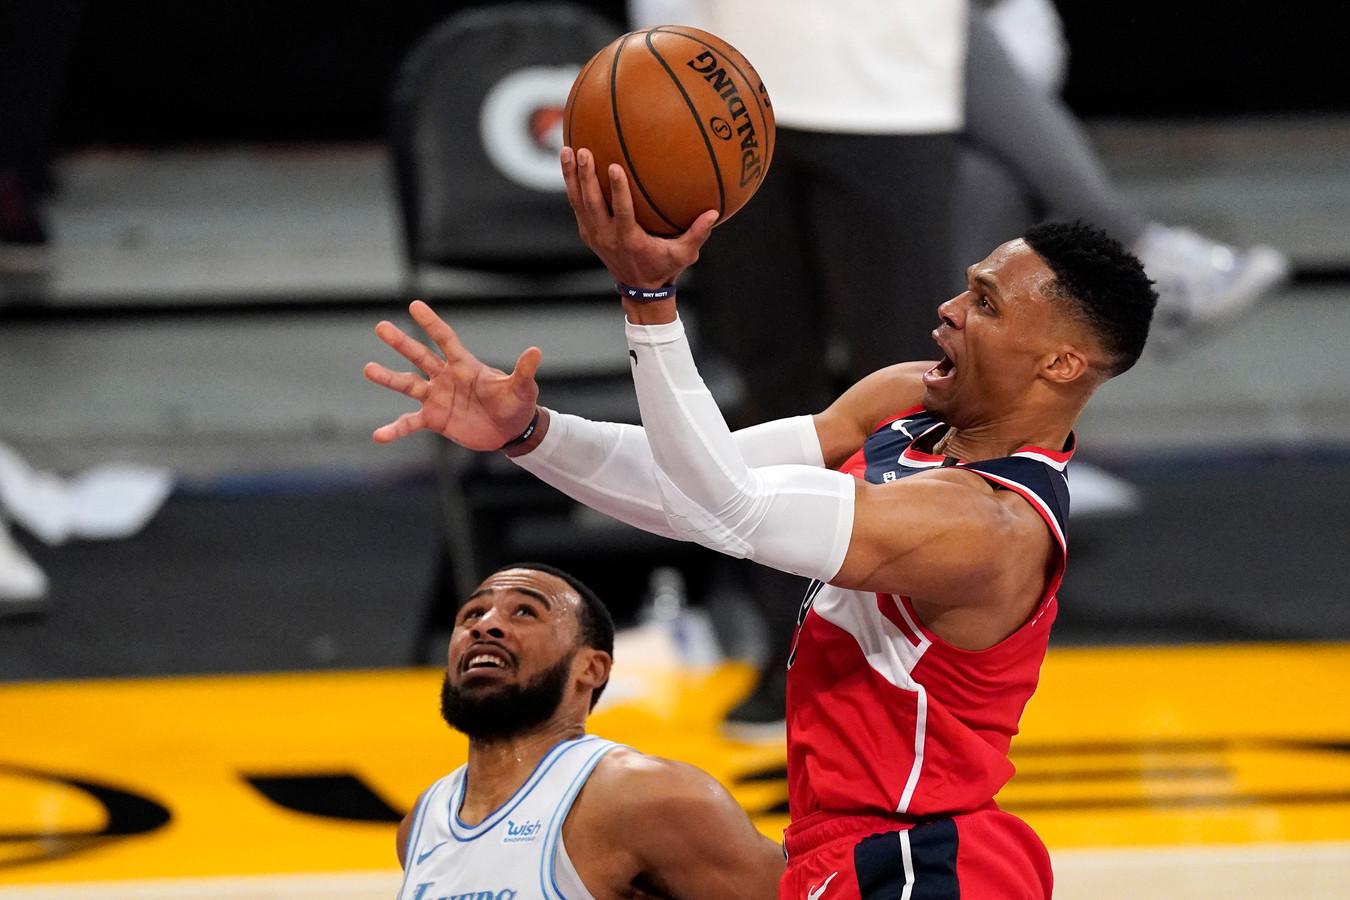 Russell Westbrook maakte 32 punten in de wedstrijd.